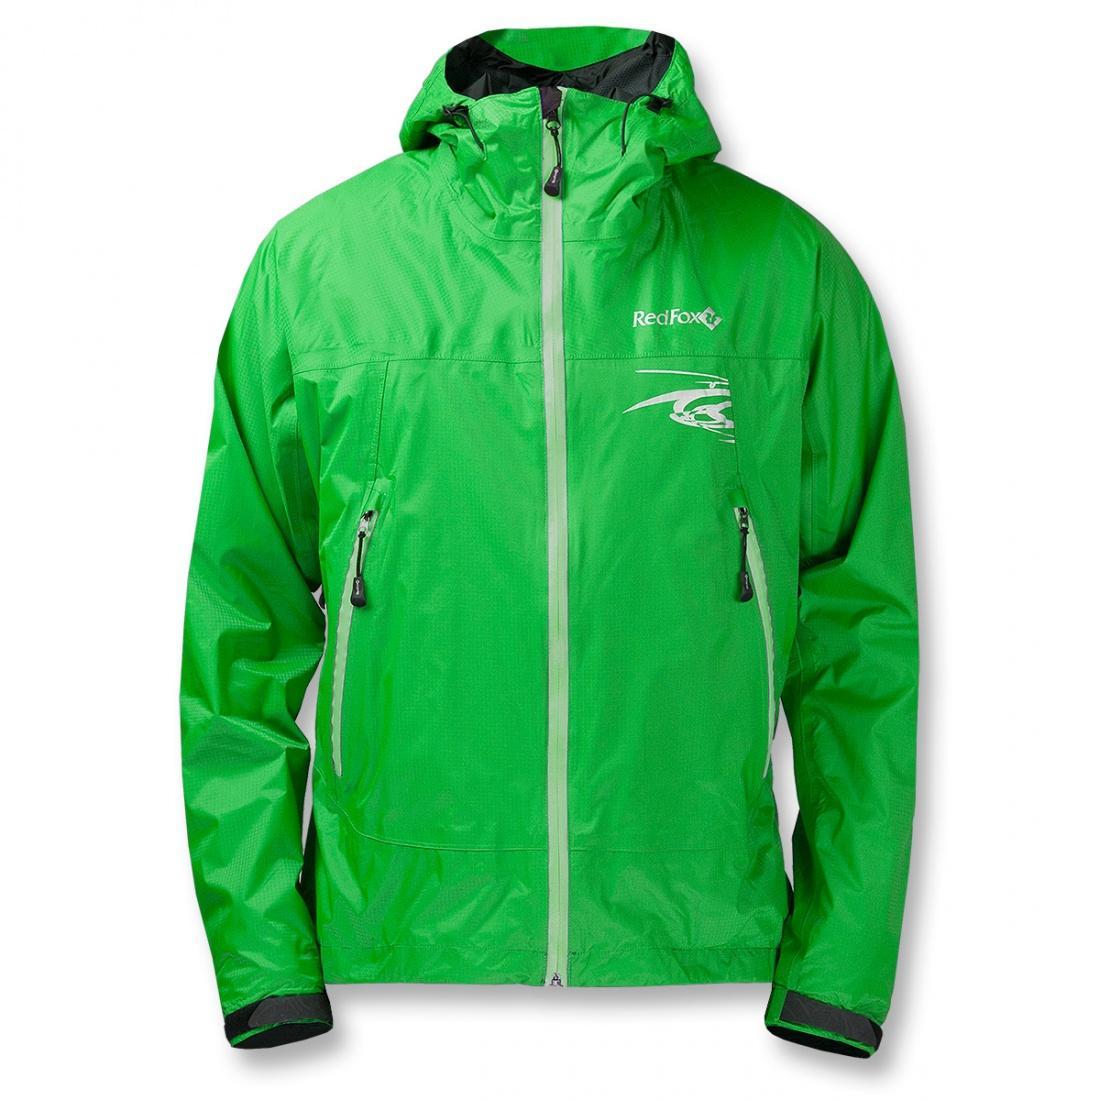 Куртка ветрозащитная Trek IIКуртки<br><br><br> Легкая влаго-ветрозащитная куртка для использованияв ветреную или...<br><br>Цвет: Зеленый<br>Размер: 50